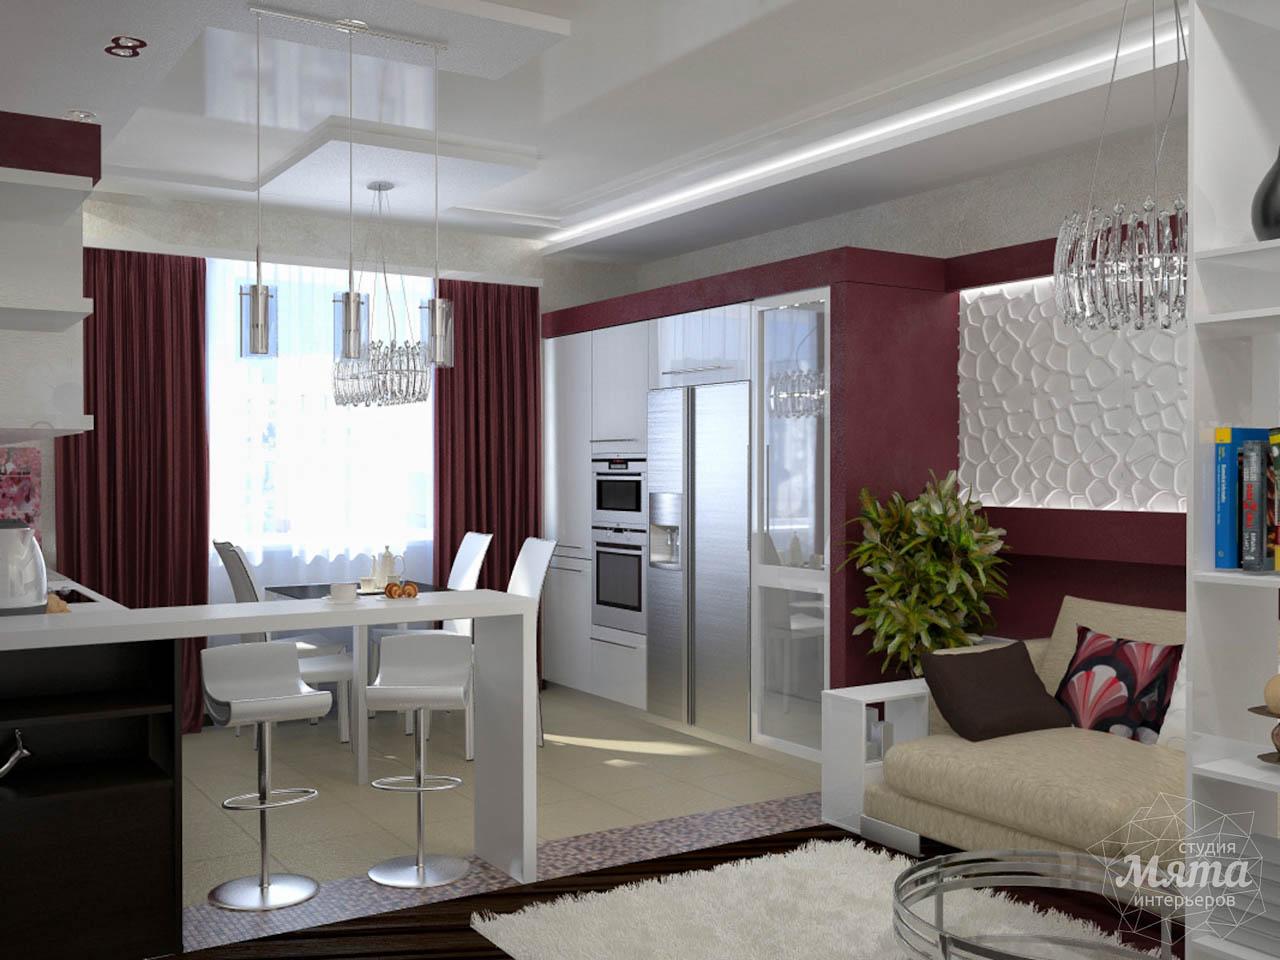 Дизайн интерьера и ремонт трехкомнатной квартиры по ул. Попова 33а img475556444